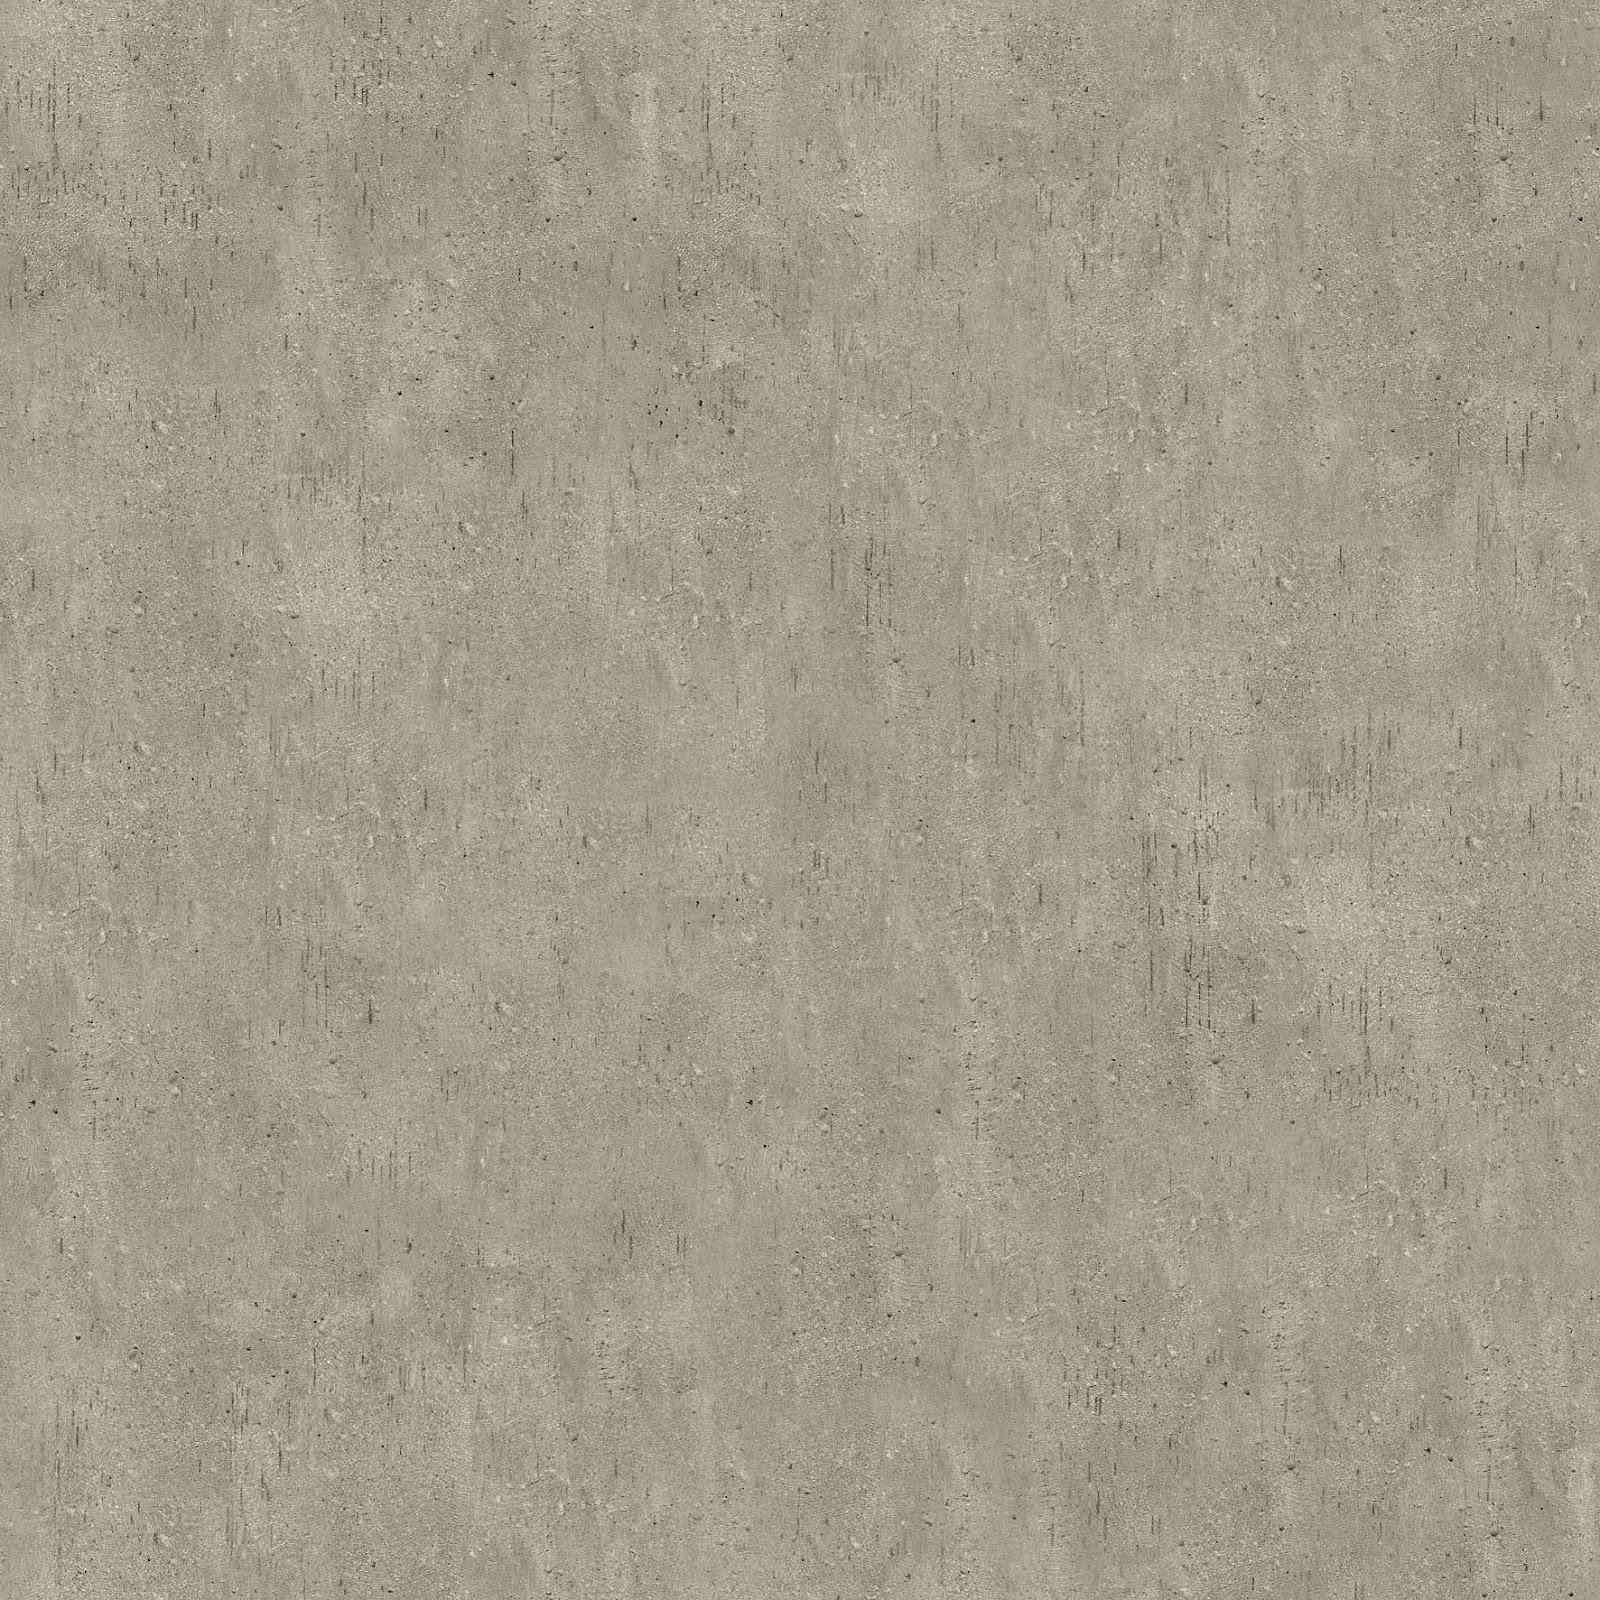 Colorare Pavimento In Cotto pavimenti in cemento colorato